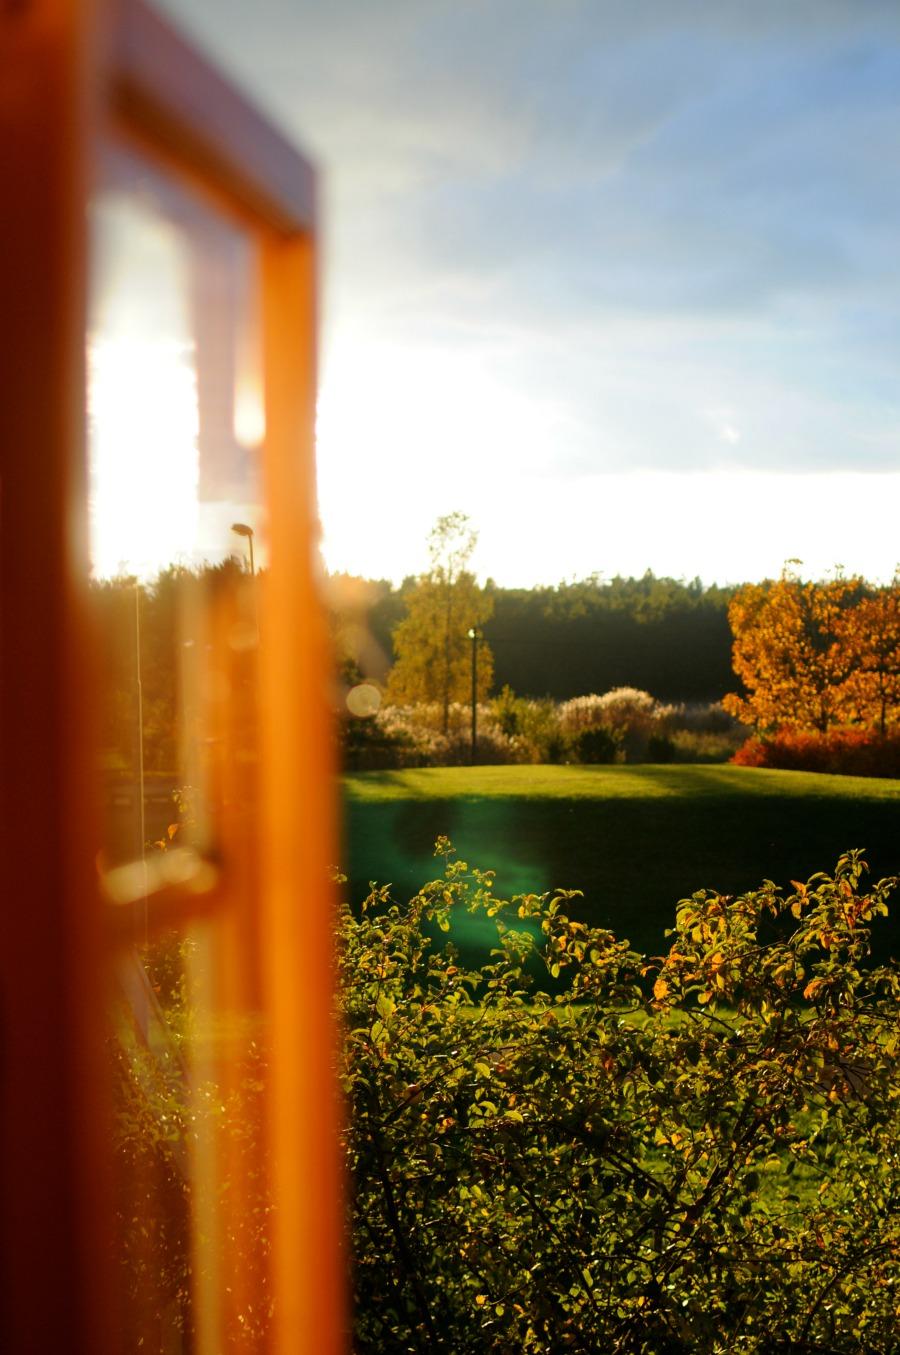 gotland window